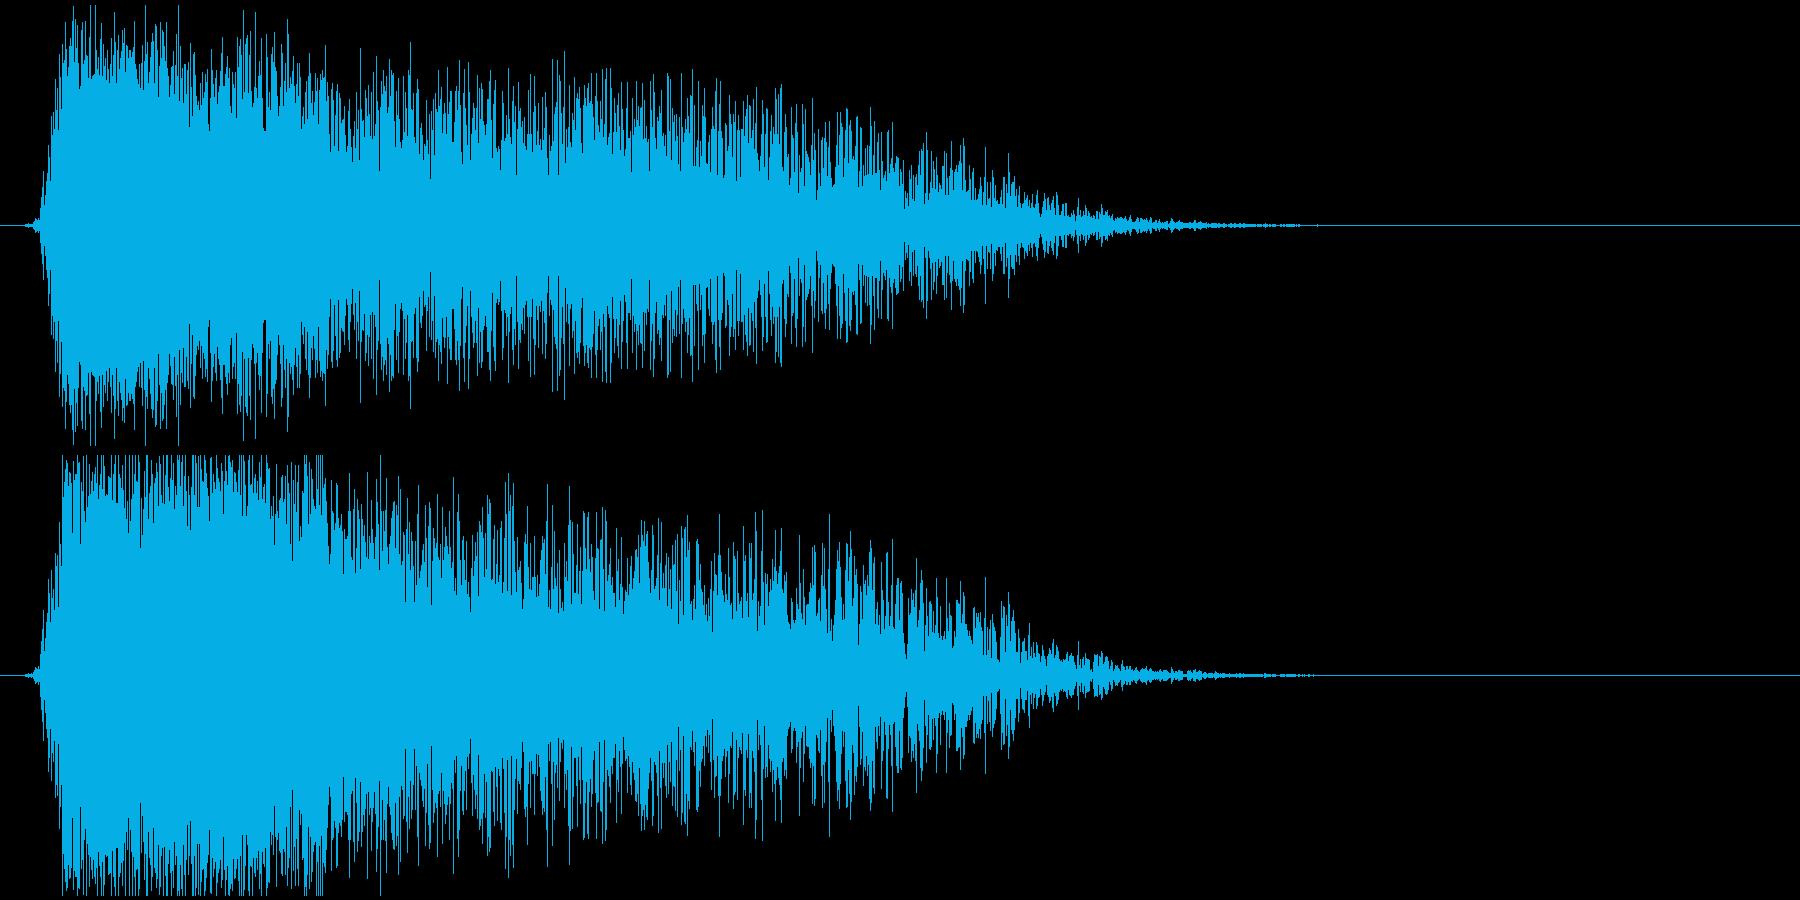 稲光_イナズマの再生済みの波形